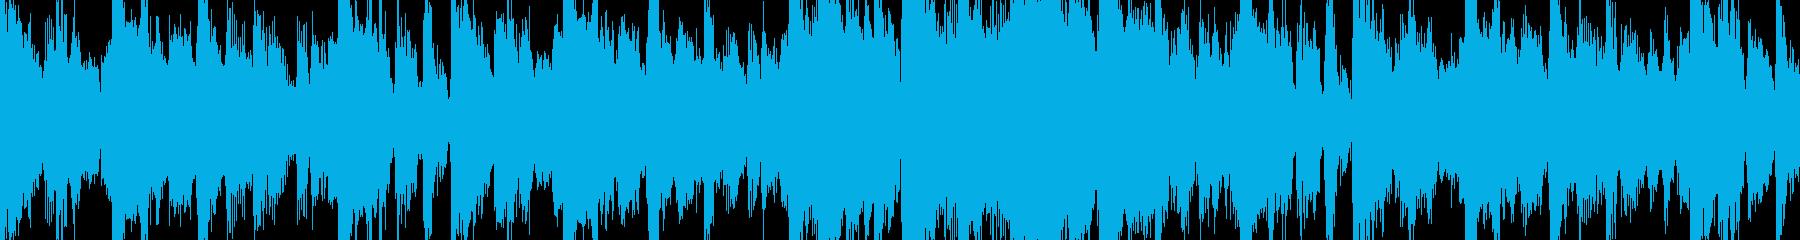 ループ素材:ジャジー/おしゃれの再生済みの波形